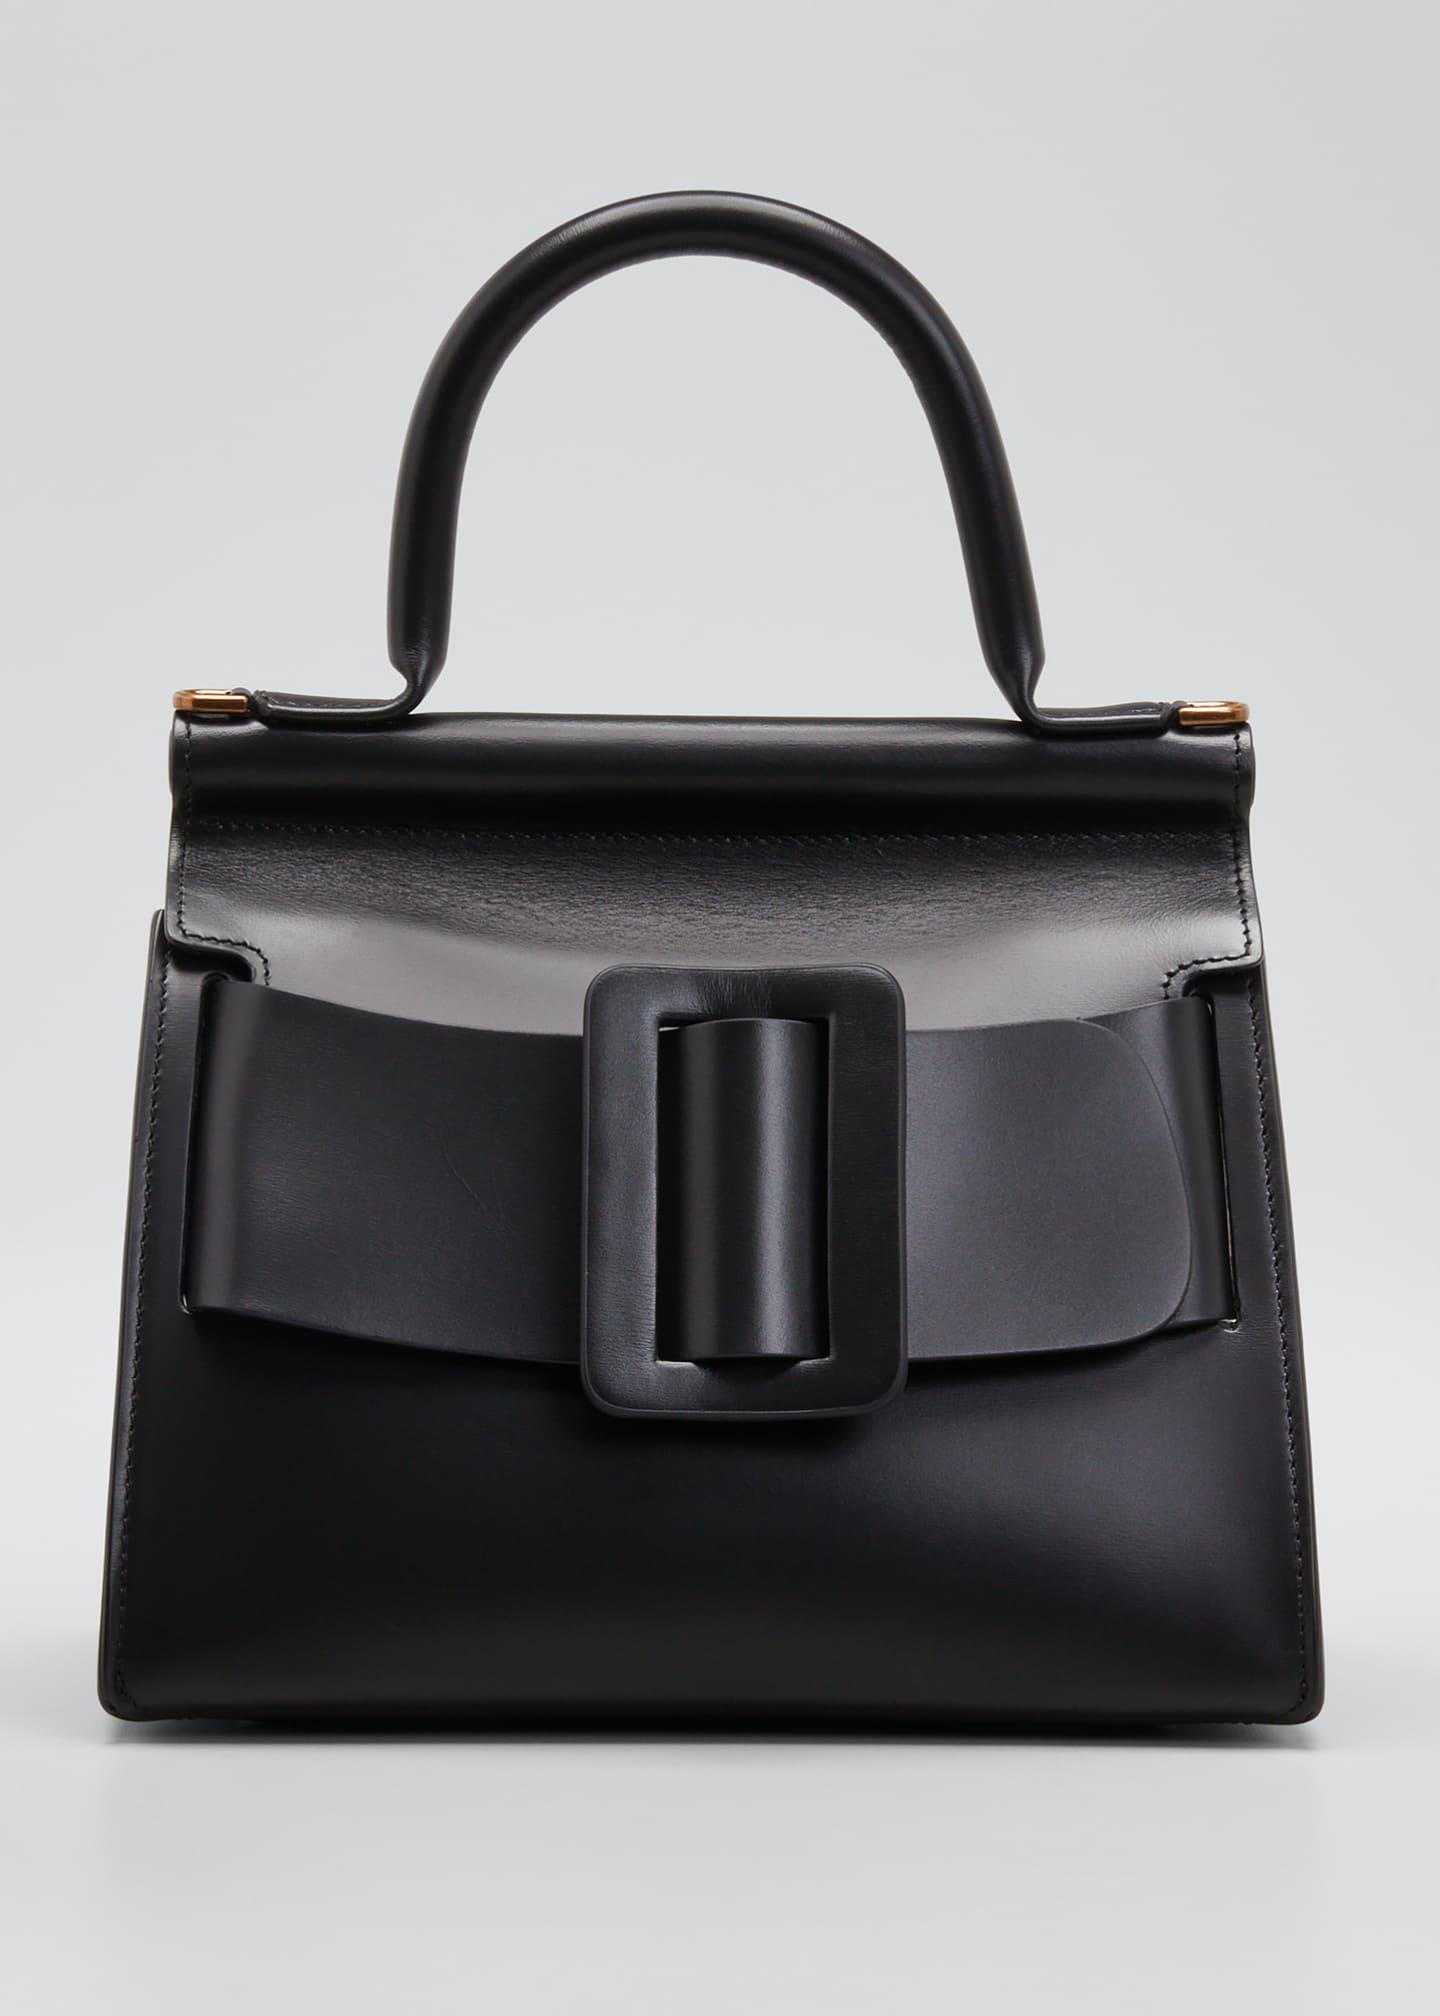 Boyy Karl 24 Small Top Handle Bag